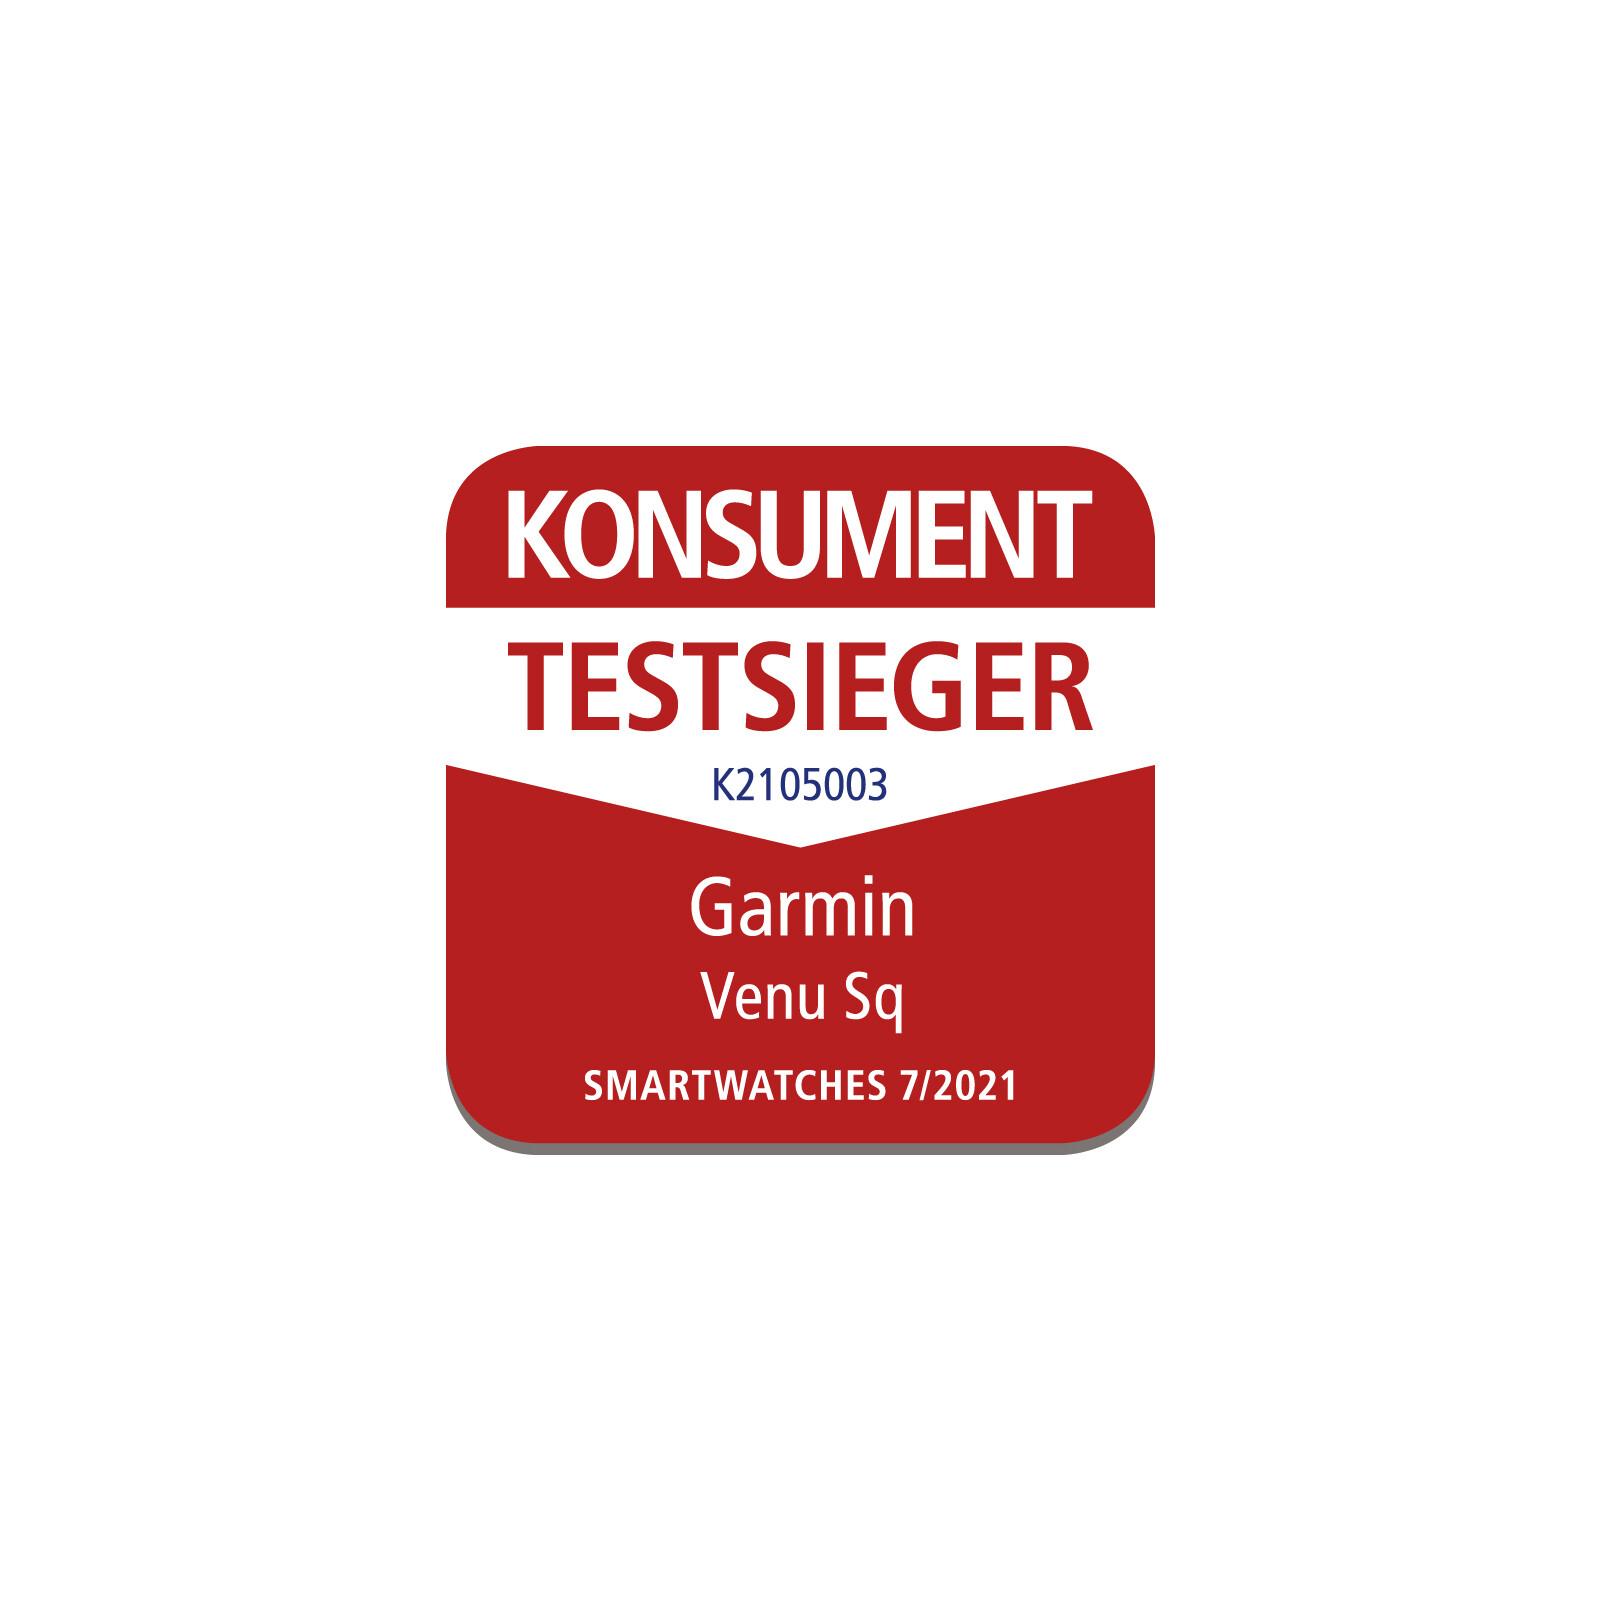 Konsument Testsieger Garmin Venu SQ  Smartwatches 07/2021